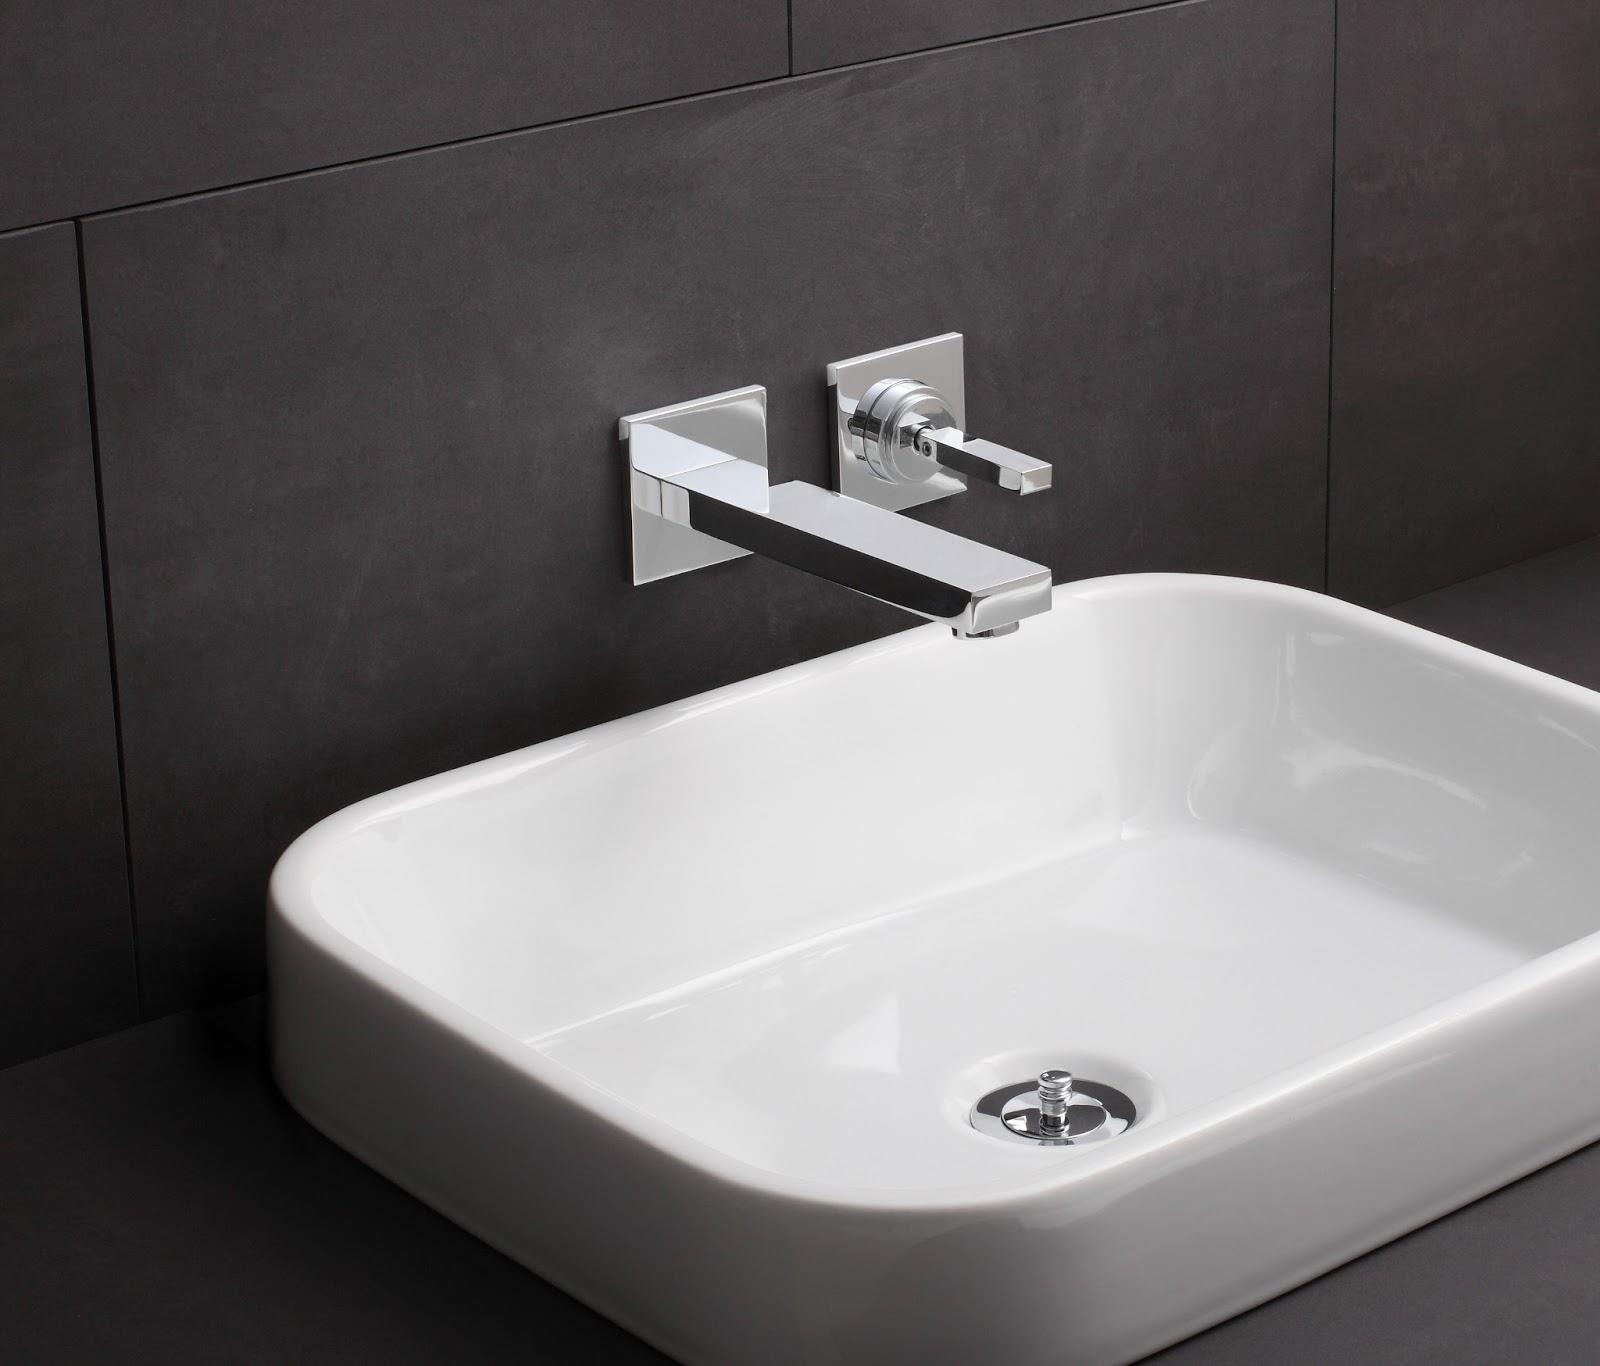 The Albion Bath Company Ltd: Loren Contemporary Bath and Basin Taps ...